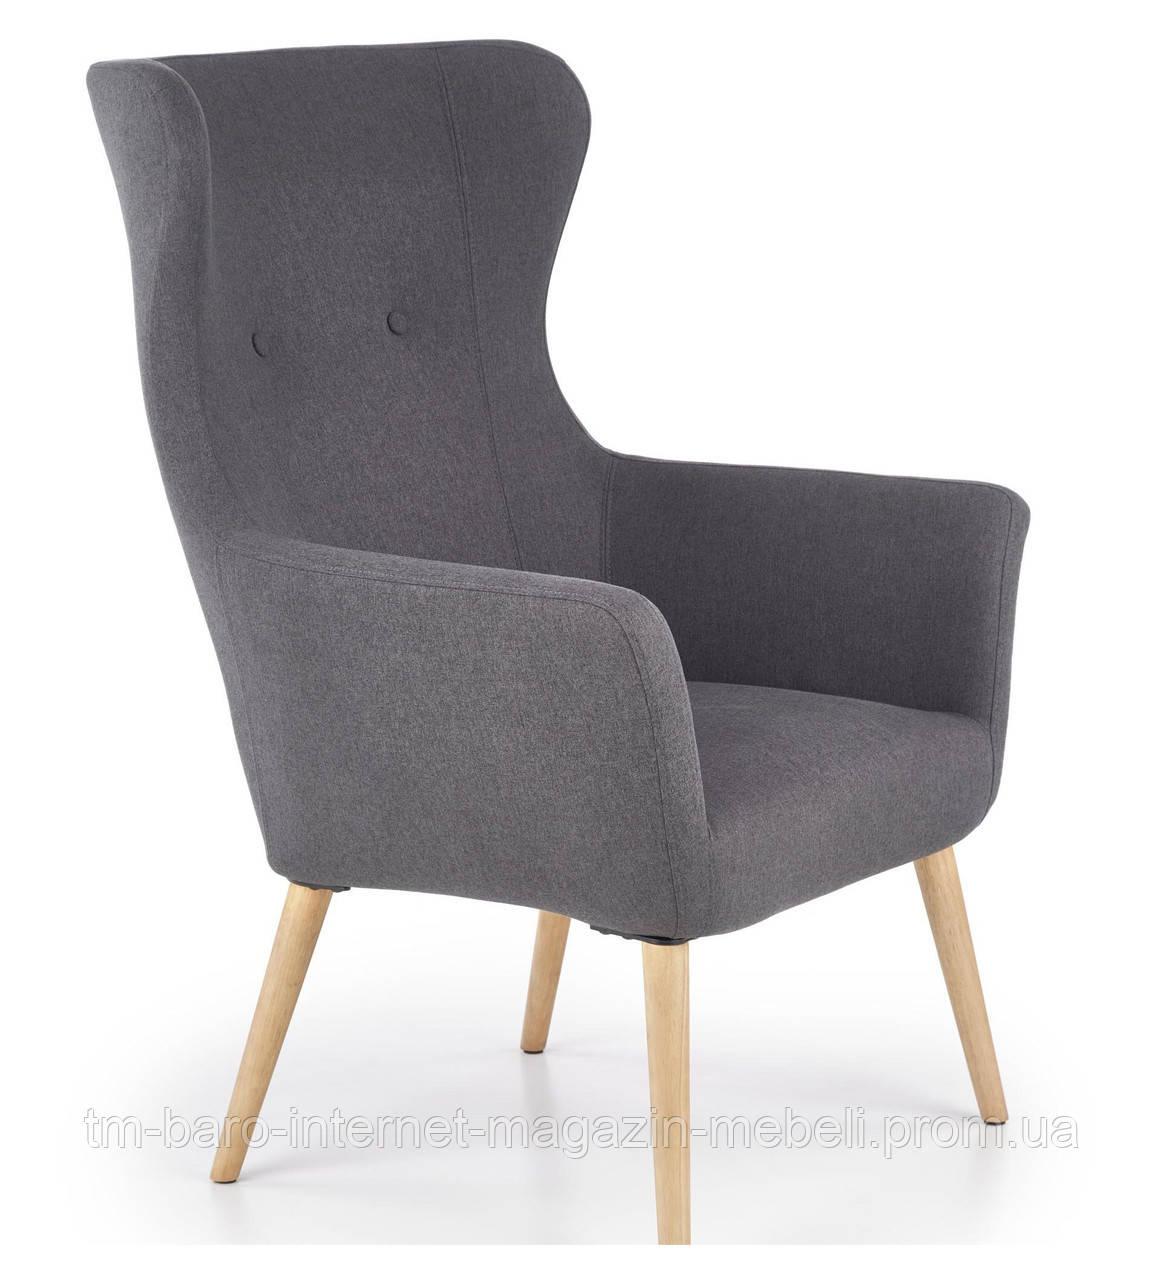 Кресло Cotto (Котто) темно-серый, ткань, Halmar